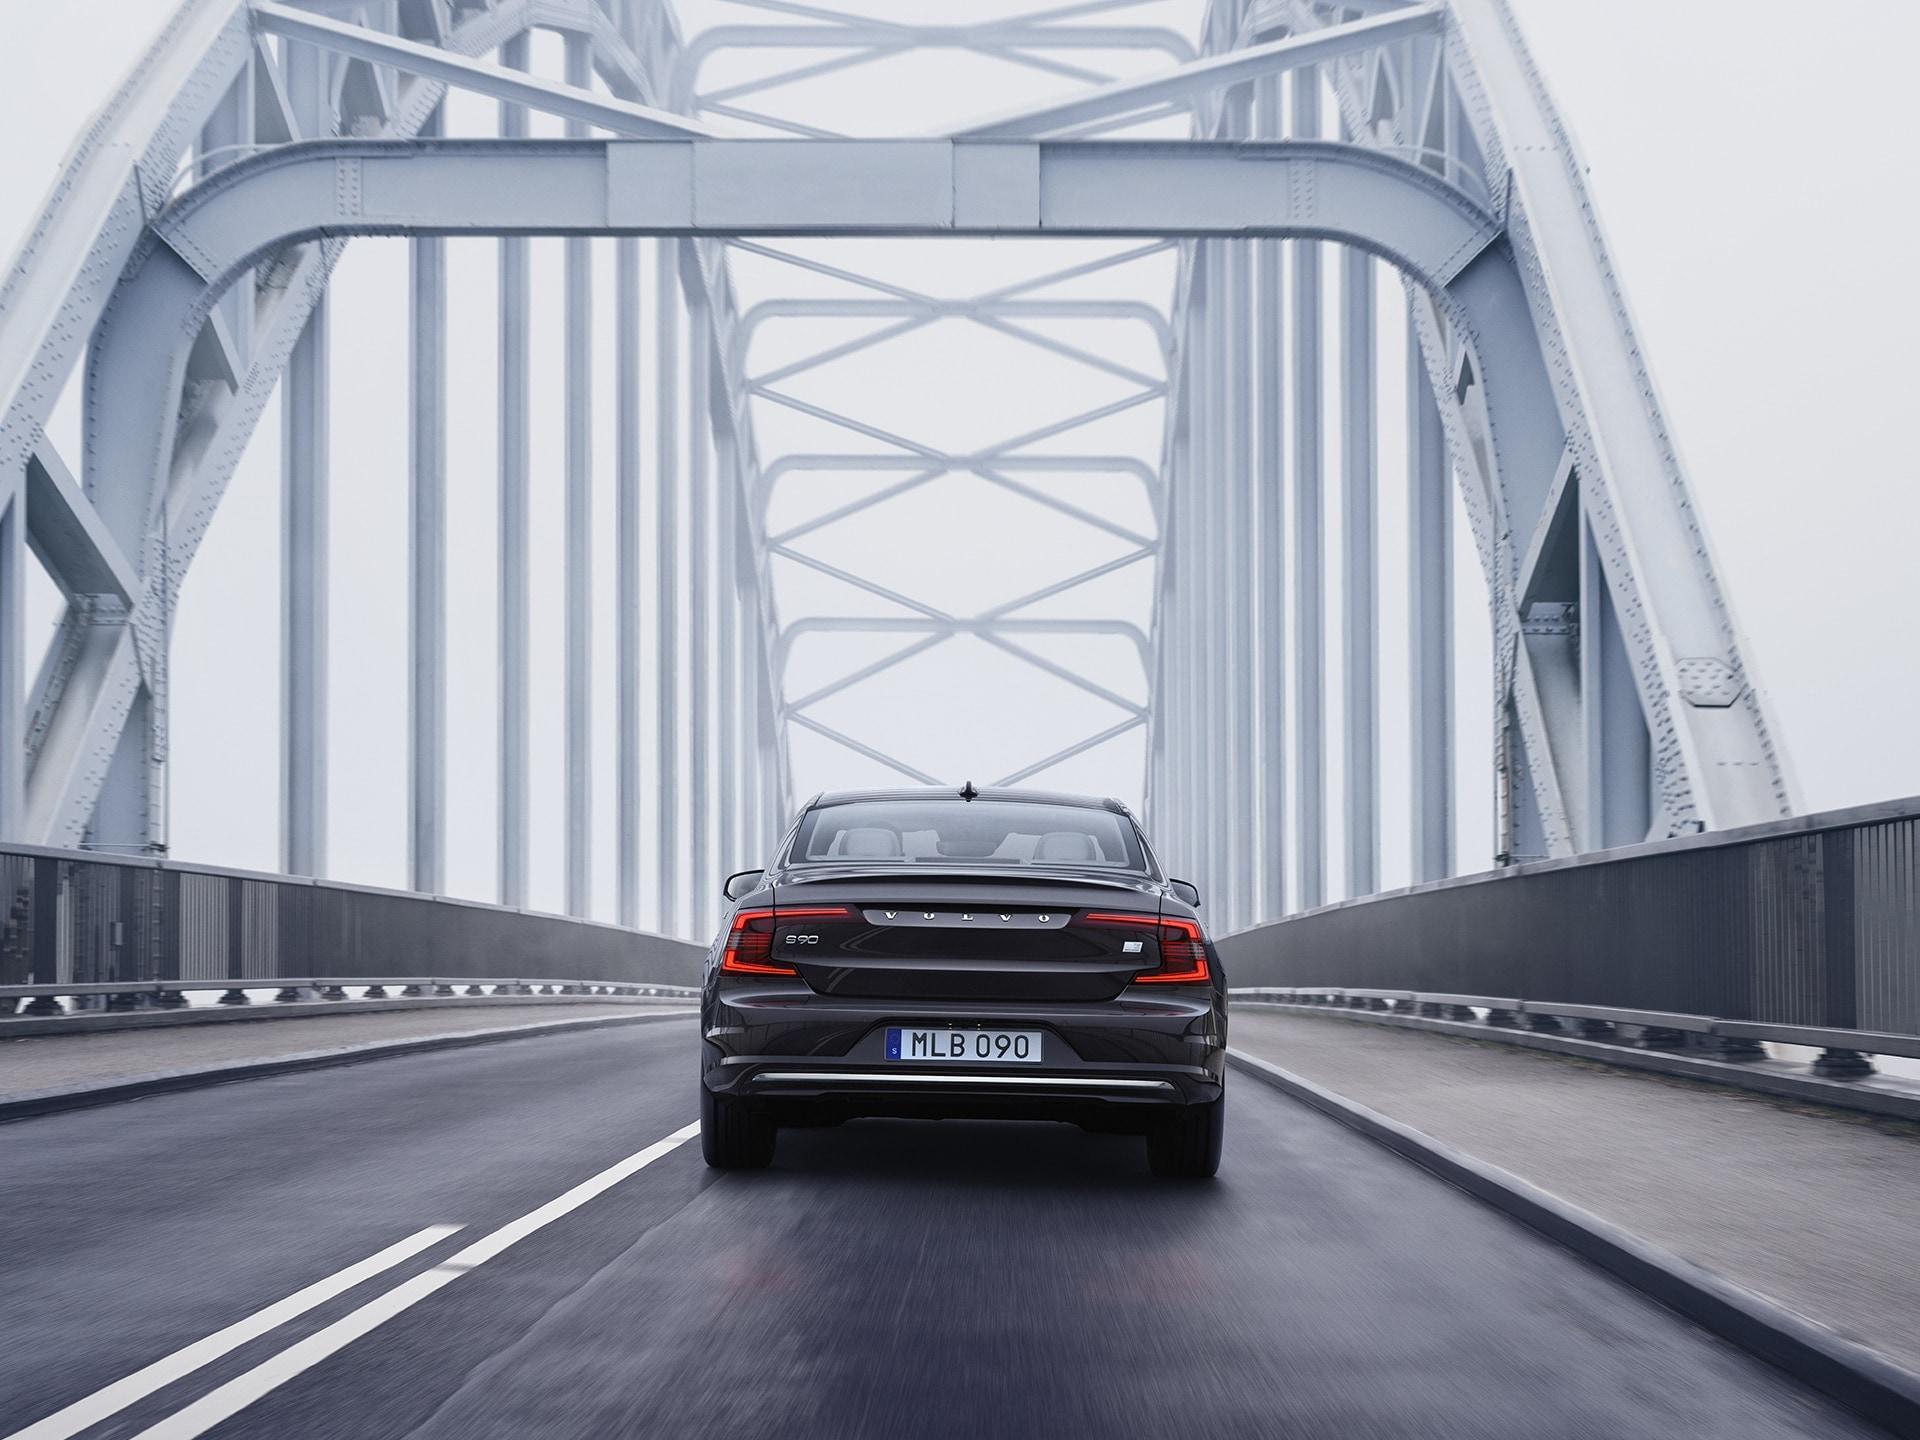 فولفو S90 Recharge تسير على جسر في يوم غائم.